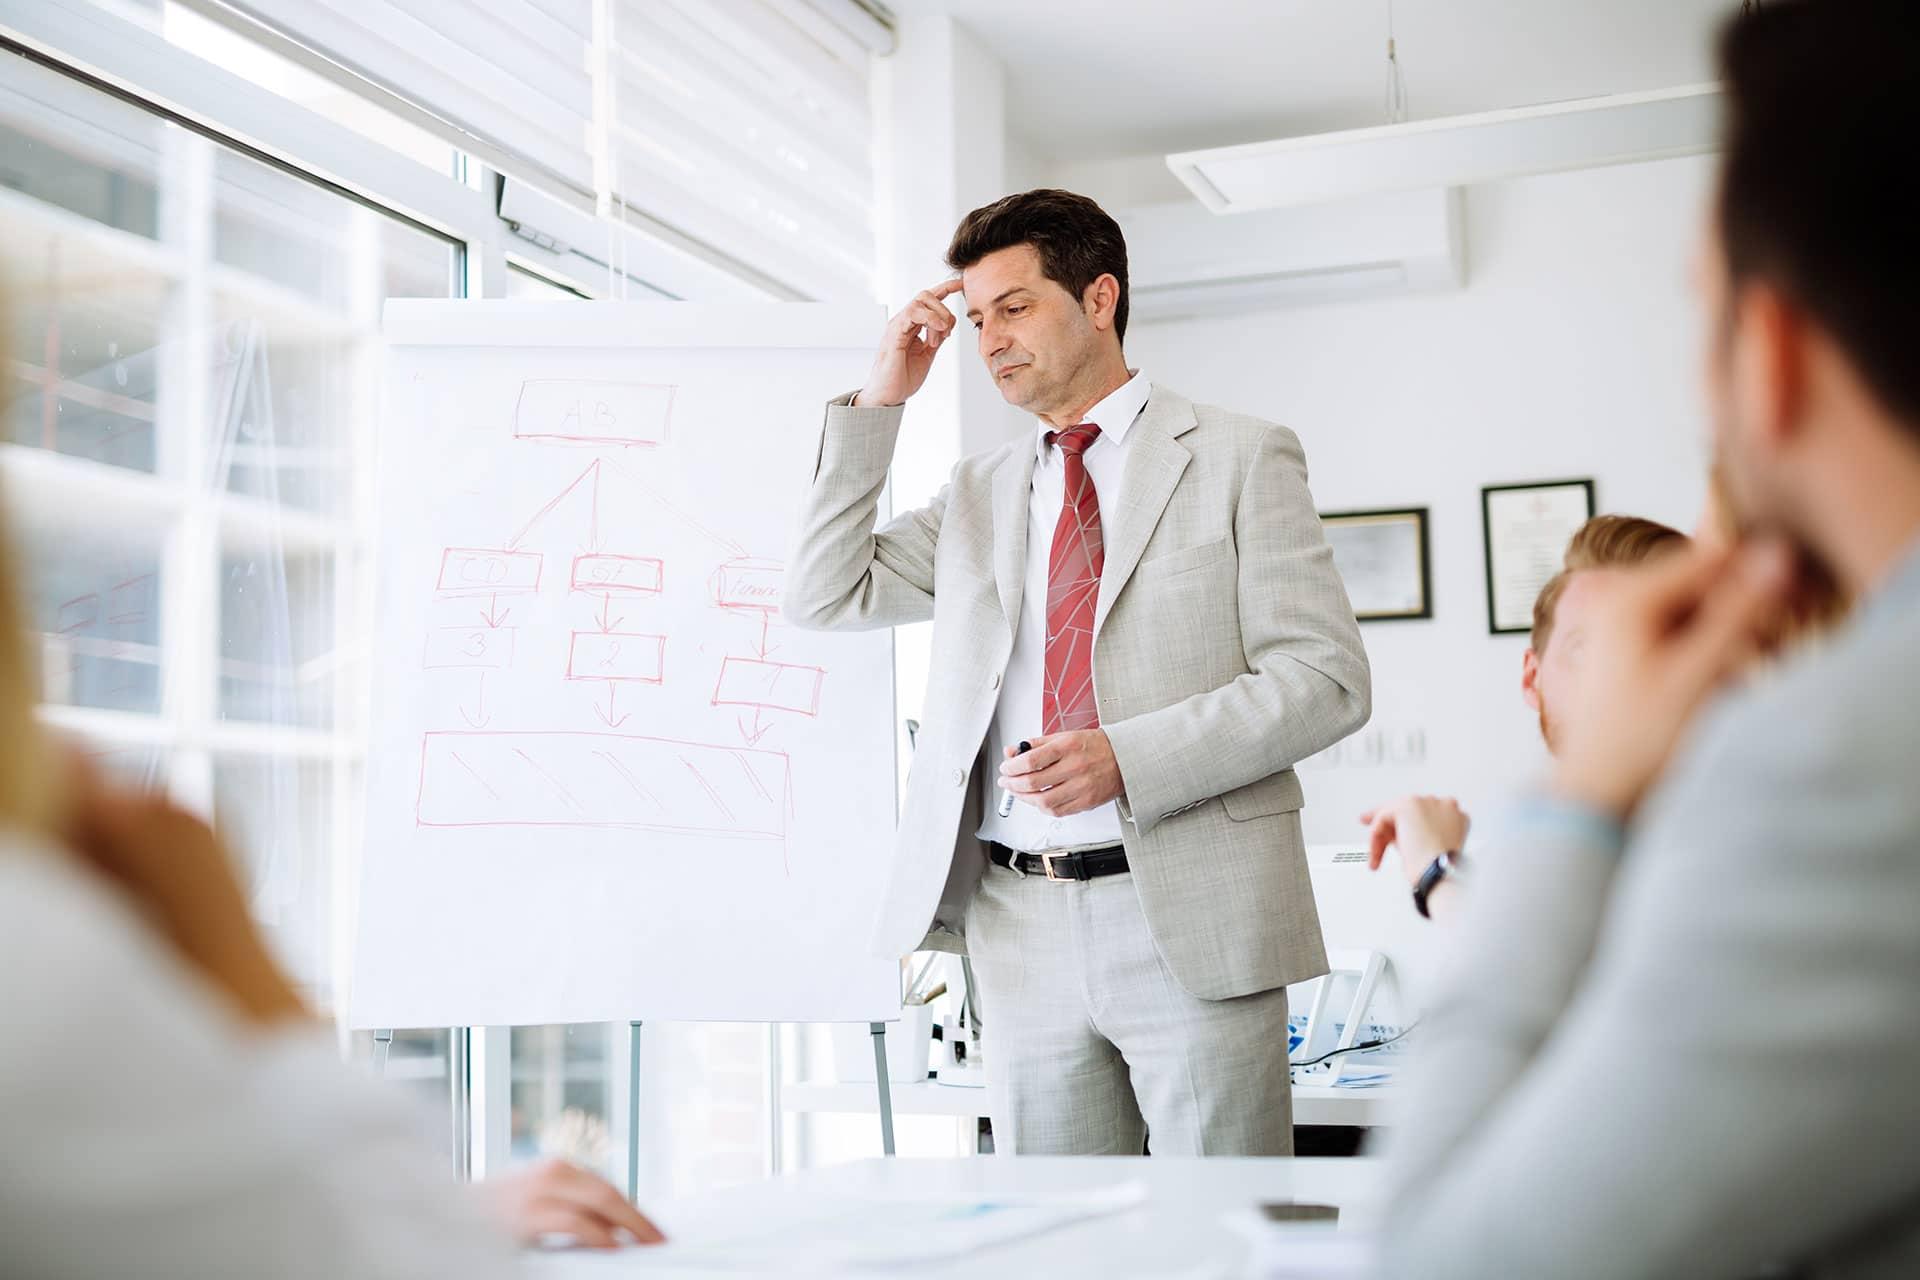 Gescom - Como afecta la auditoria a una empresa